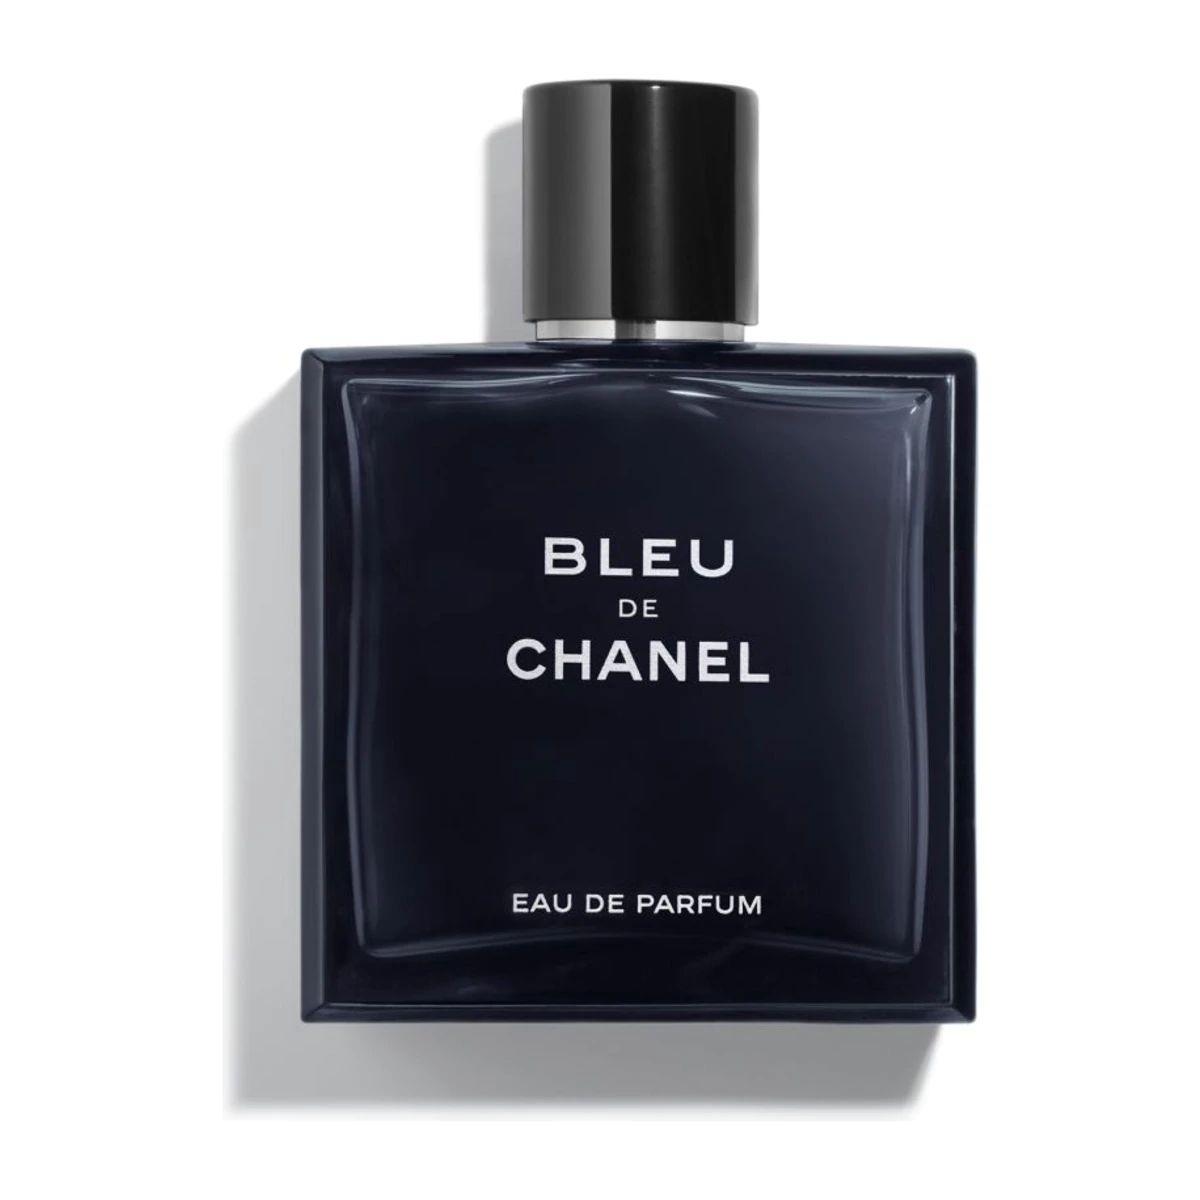 Eau de parfum Chanel Bleu de Chanel - 100 ml